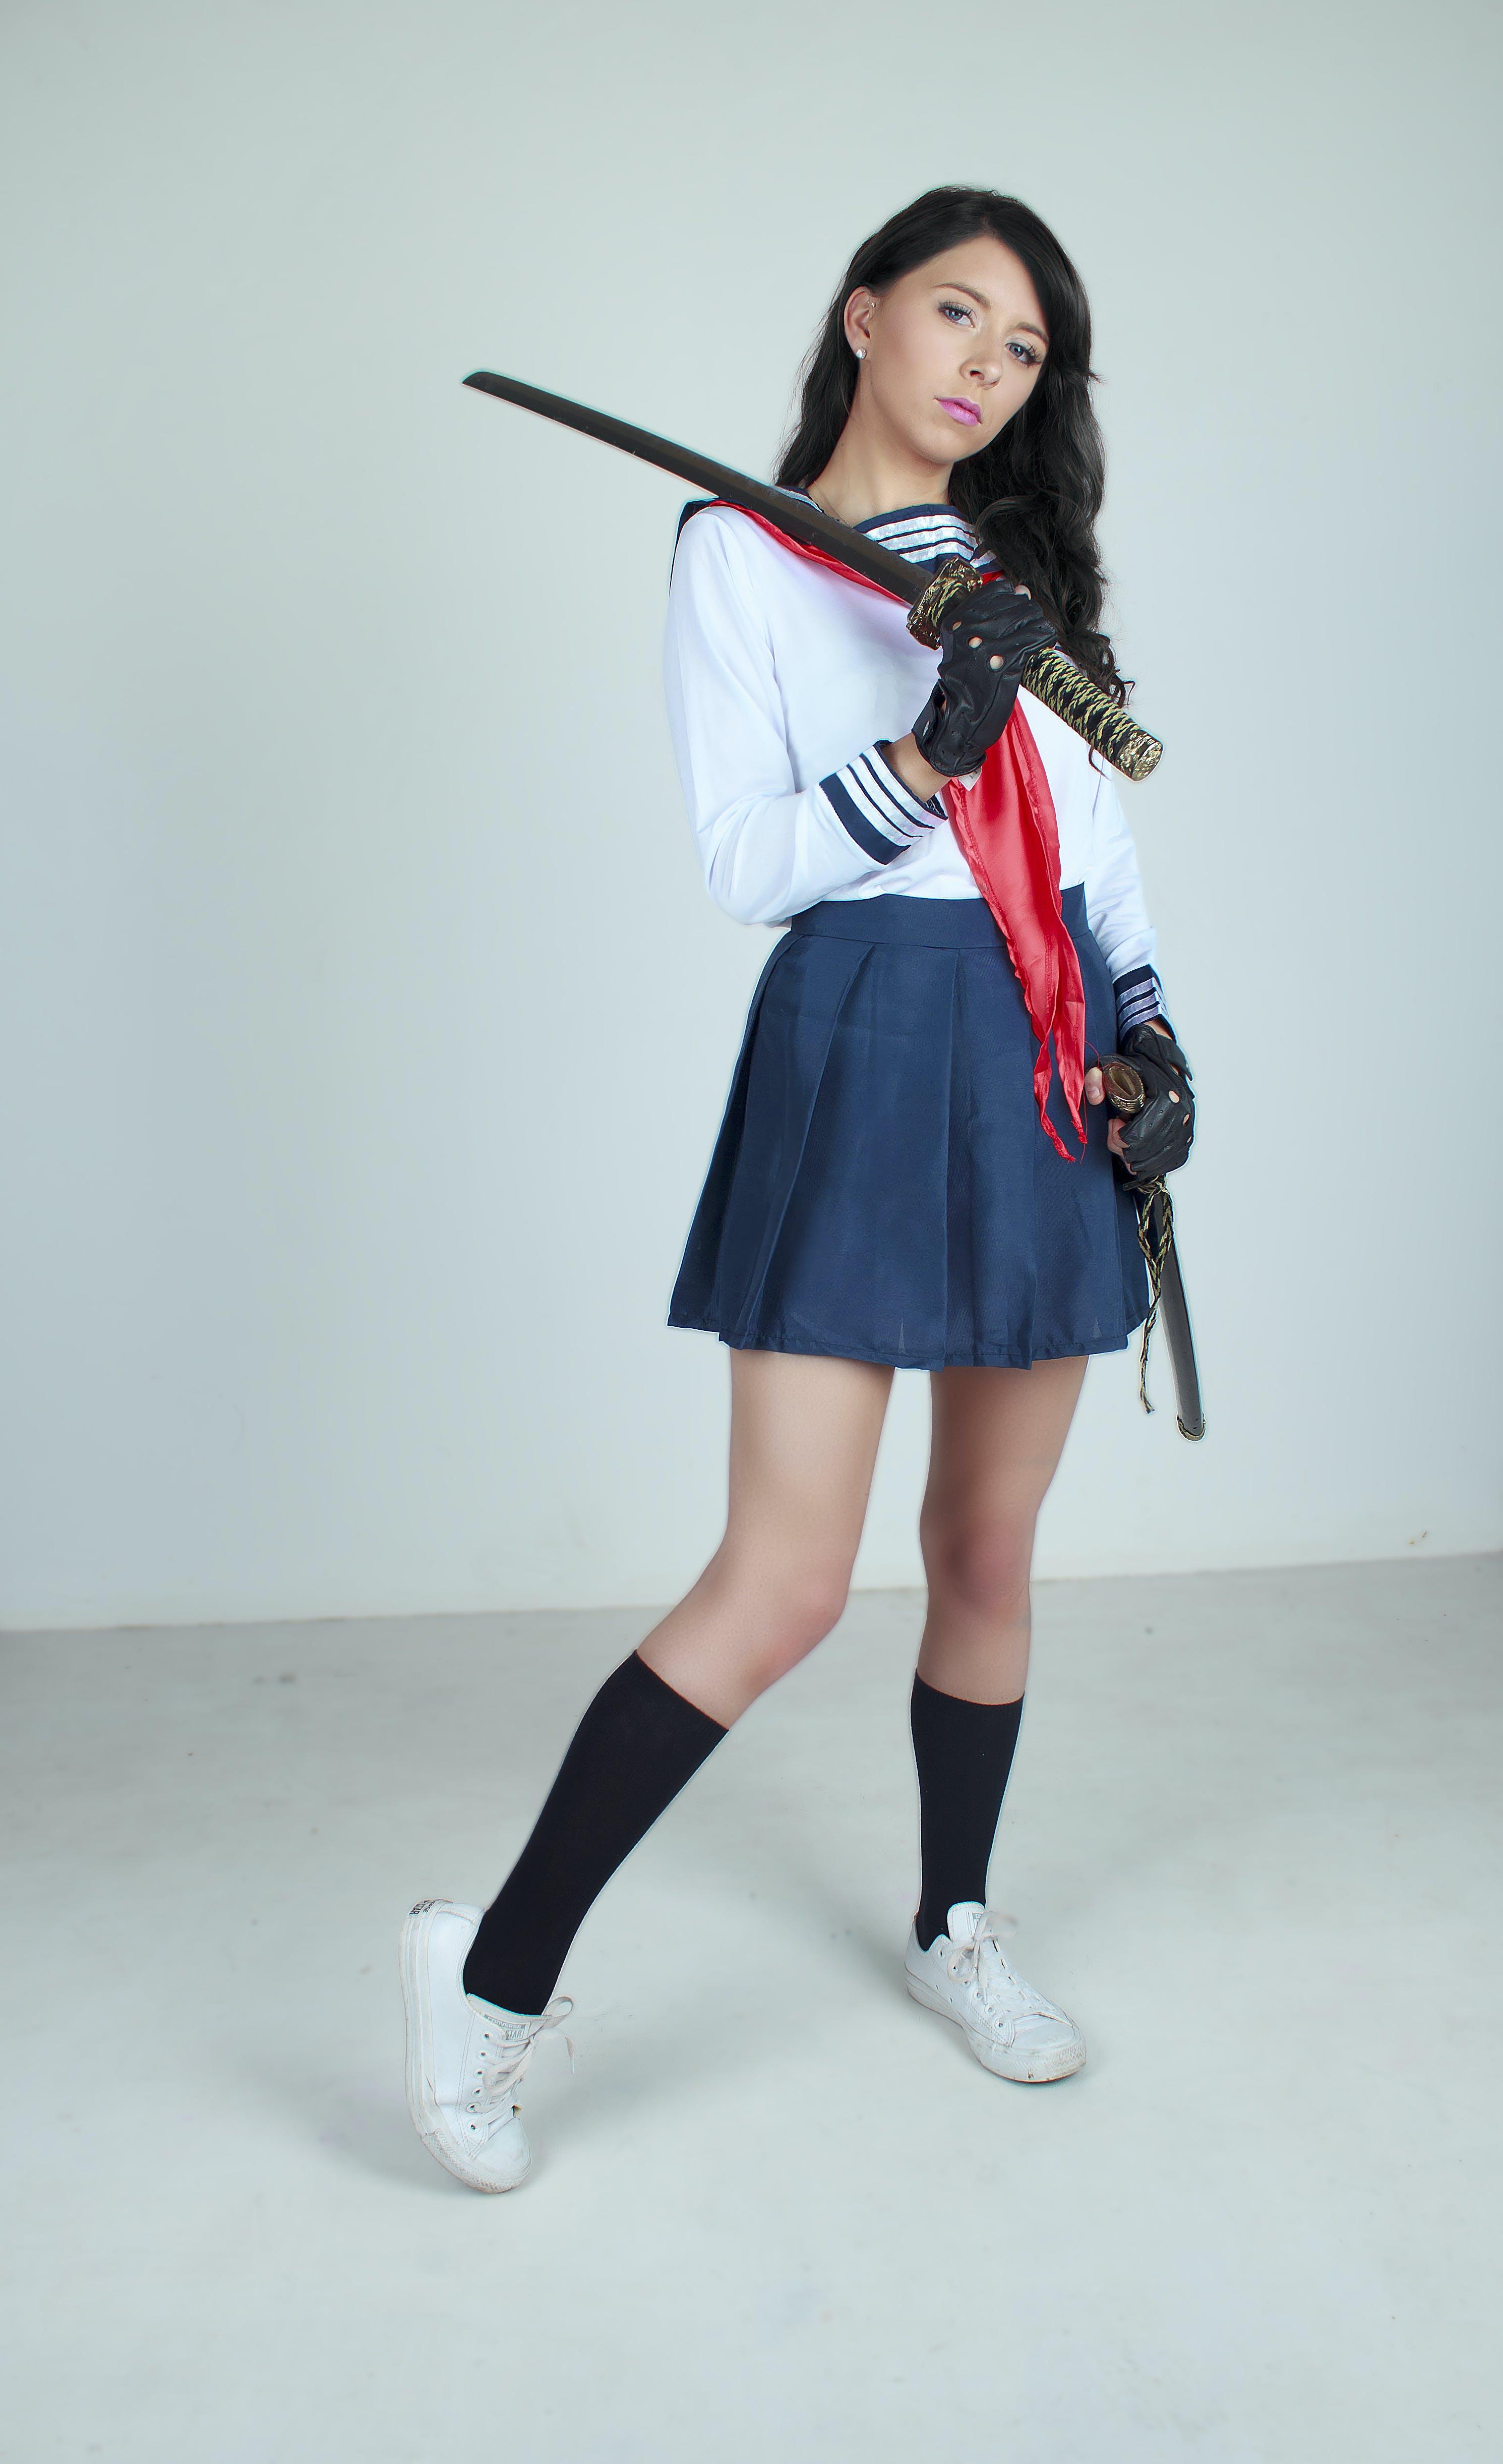 Kostenloses Stock Foto zu cosplay, japanische schulmädchen uniform, schwert, stehen